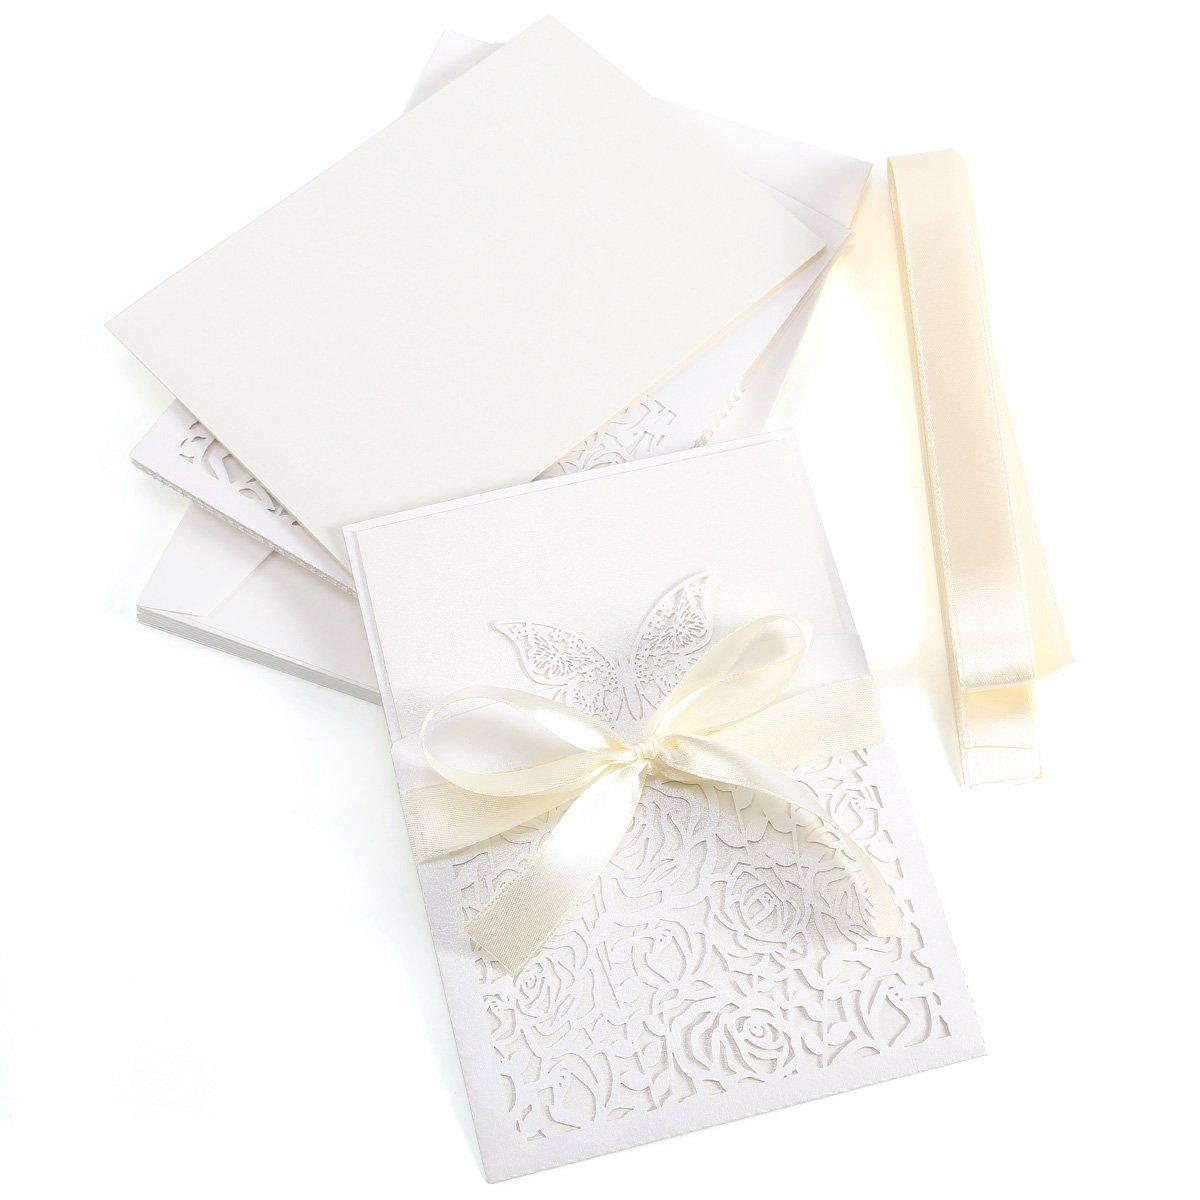 10x invitación boda dentenlle mariposa # 527con nudo de cinta y sobre tarjeta invitaciones color marfil + Crema